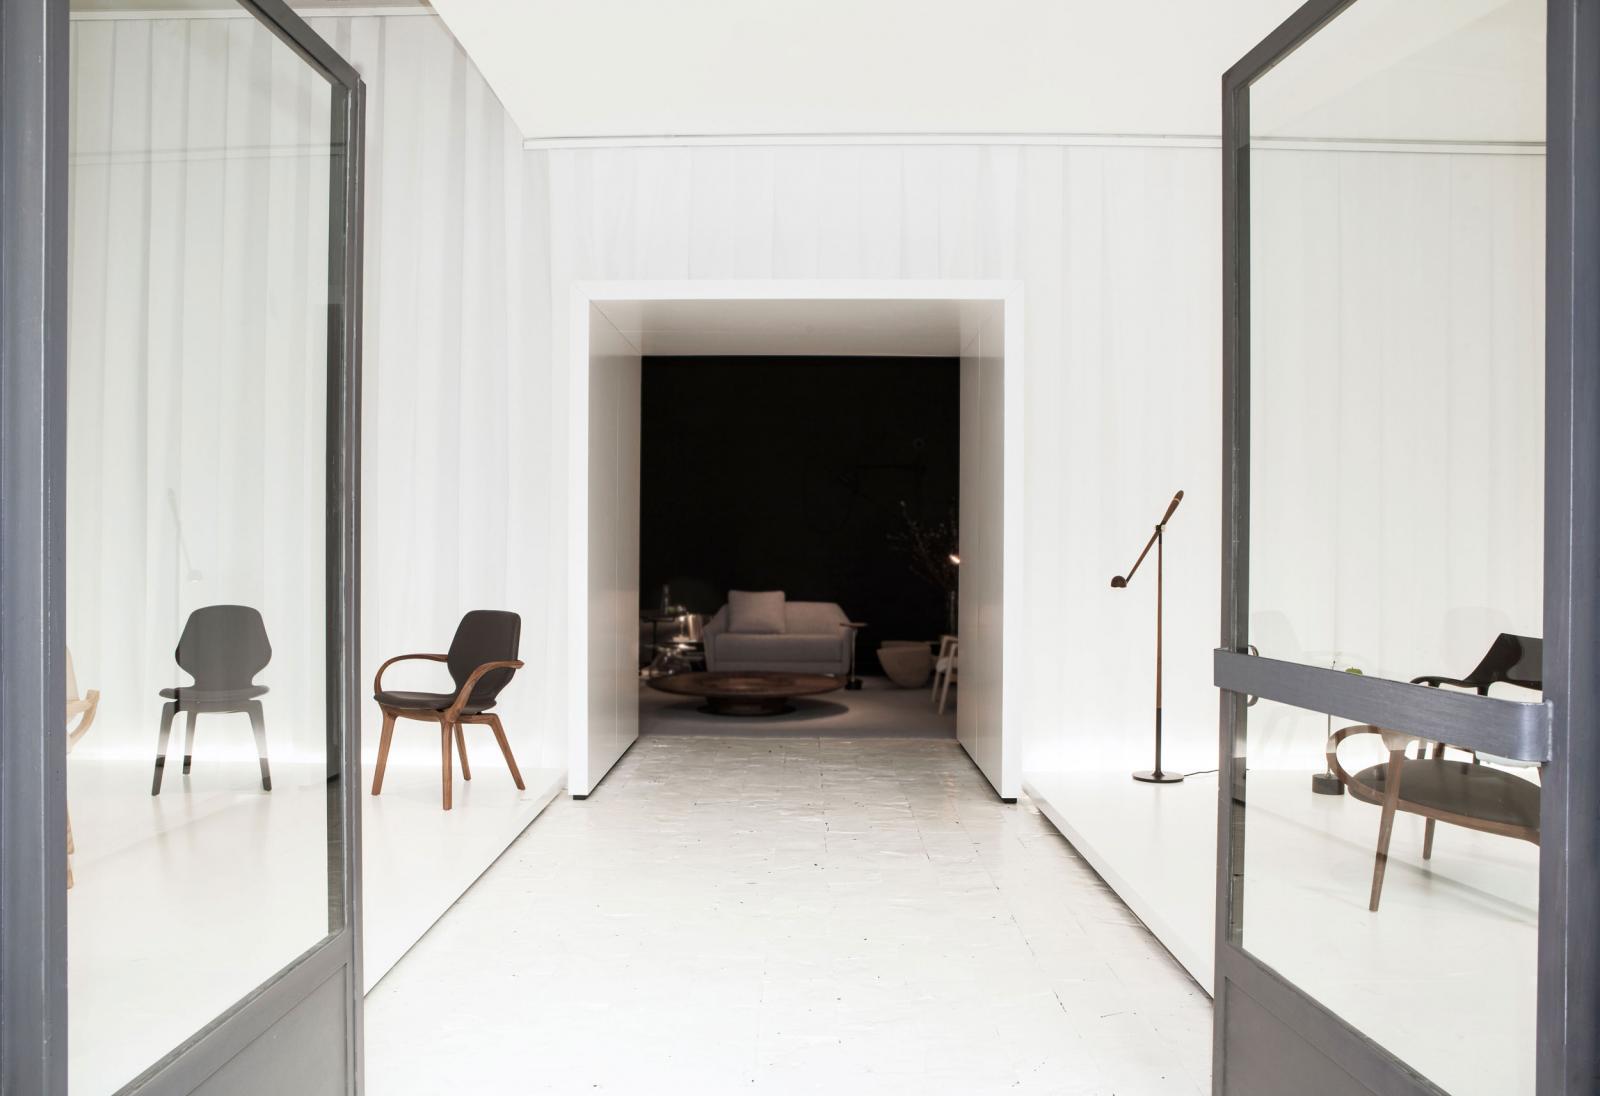 Milan Design 2017 - Jader Almeida - Cadeira Mia e Luminário Memory